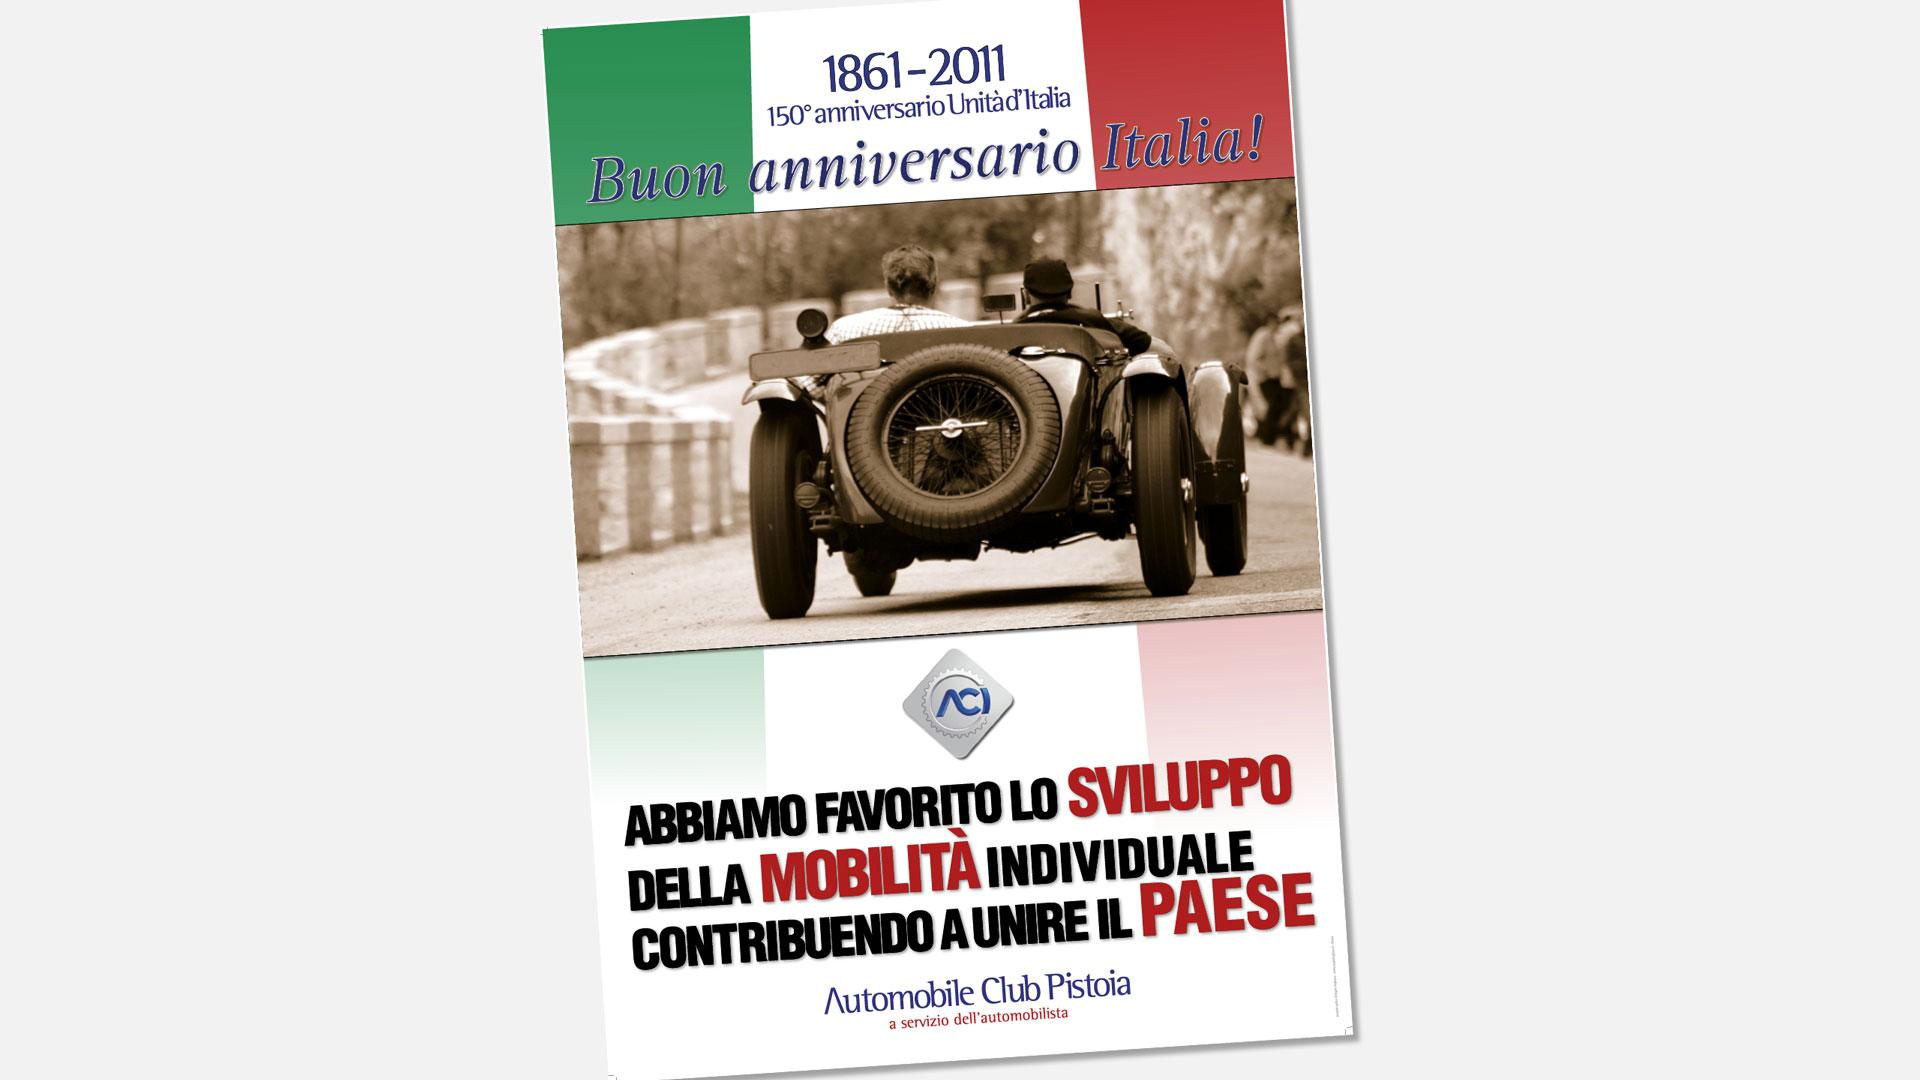 ACI 150° anniversario Unità d'Italia